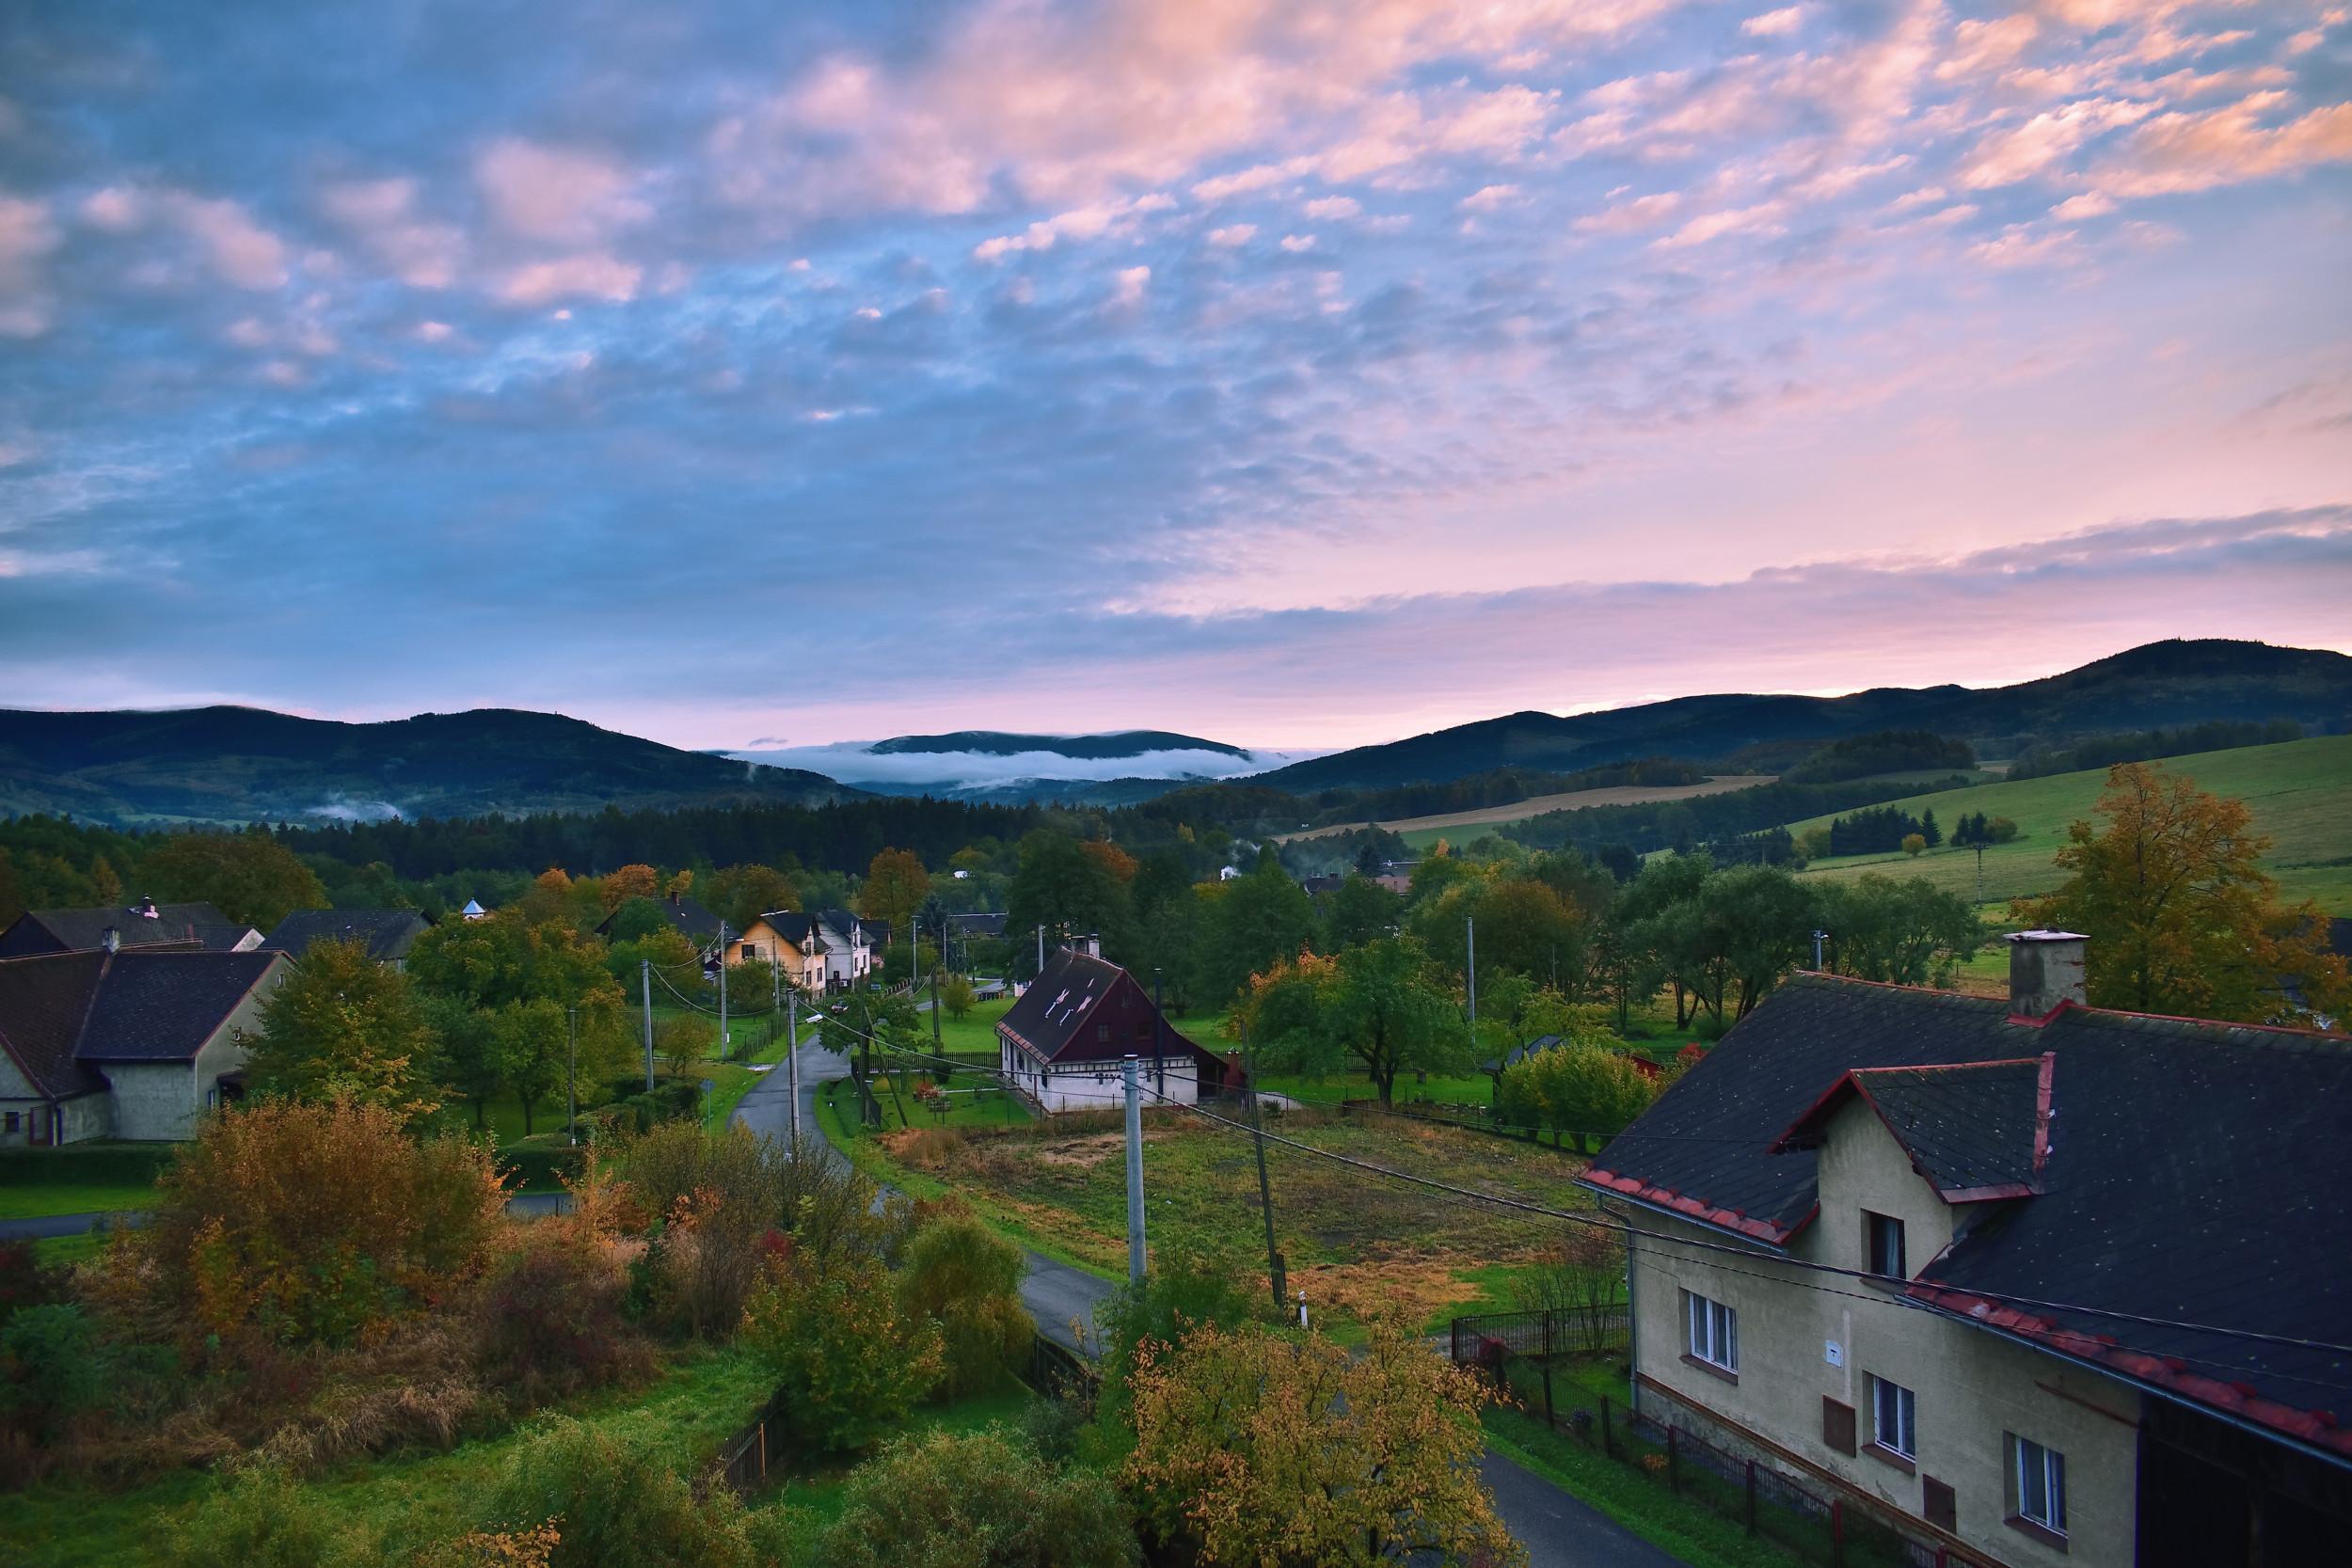 Hradec-Nová Ves